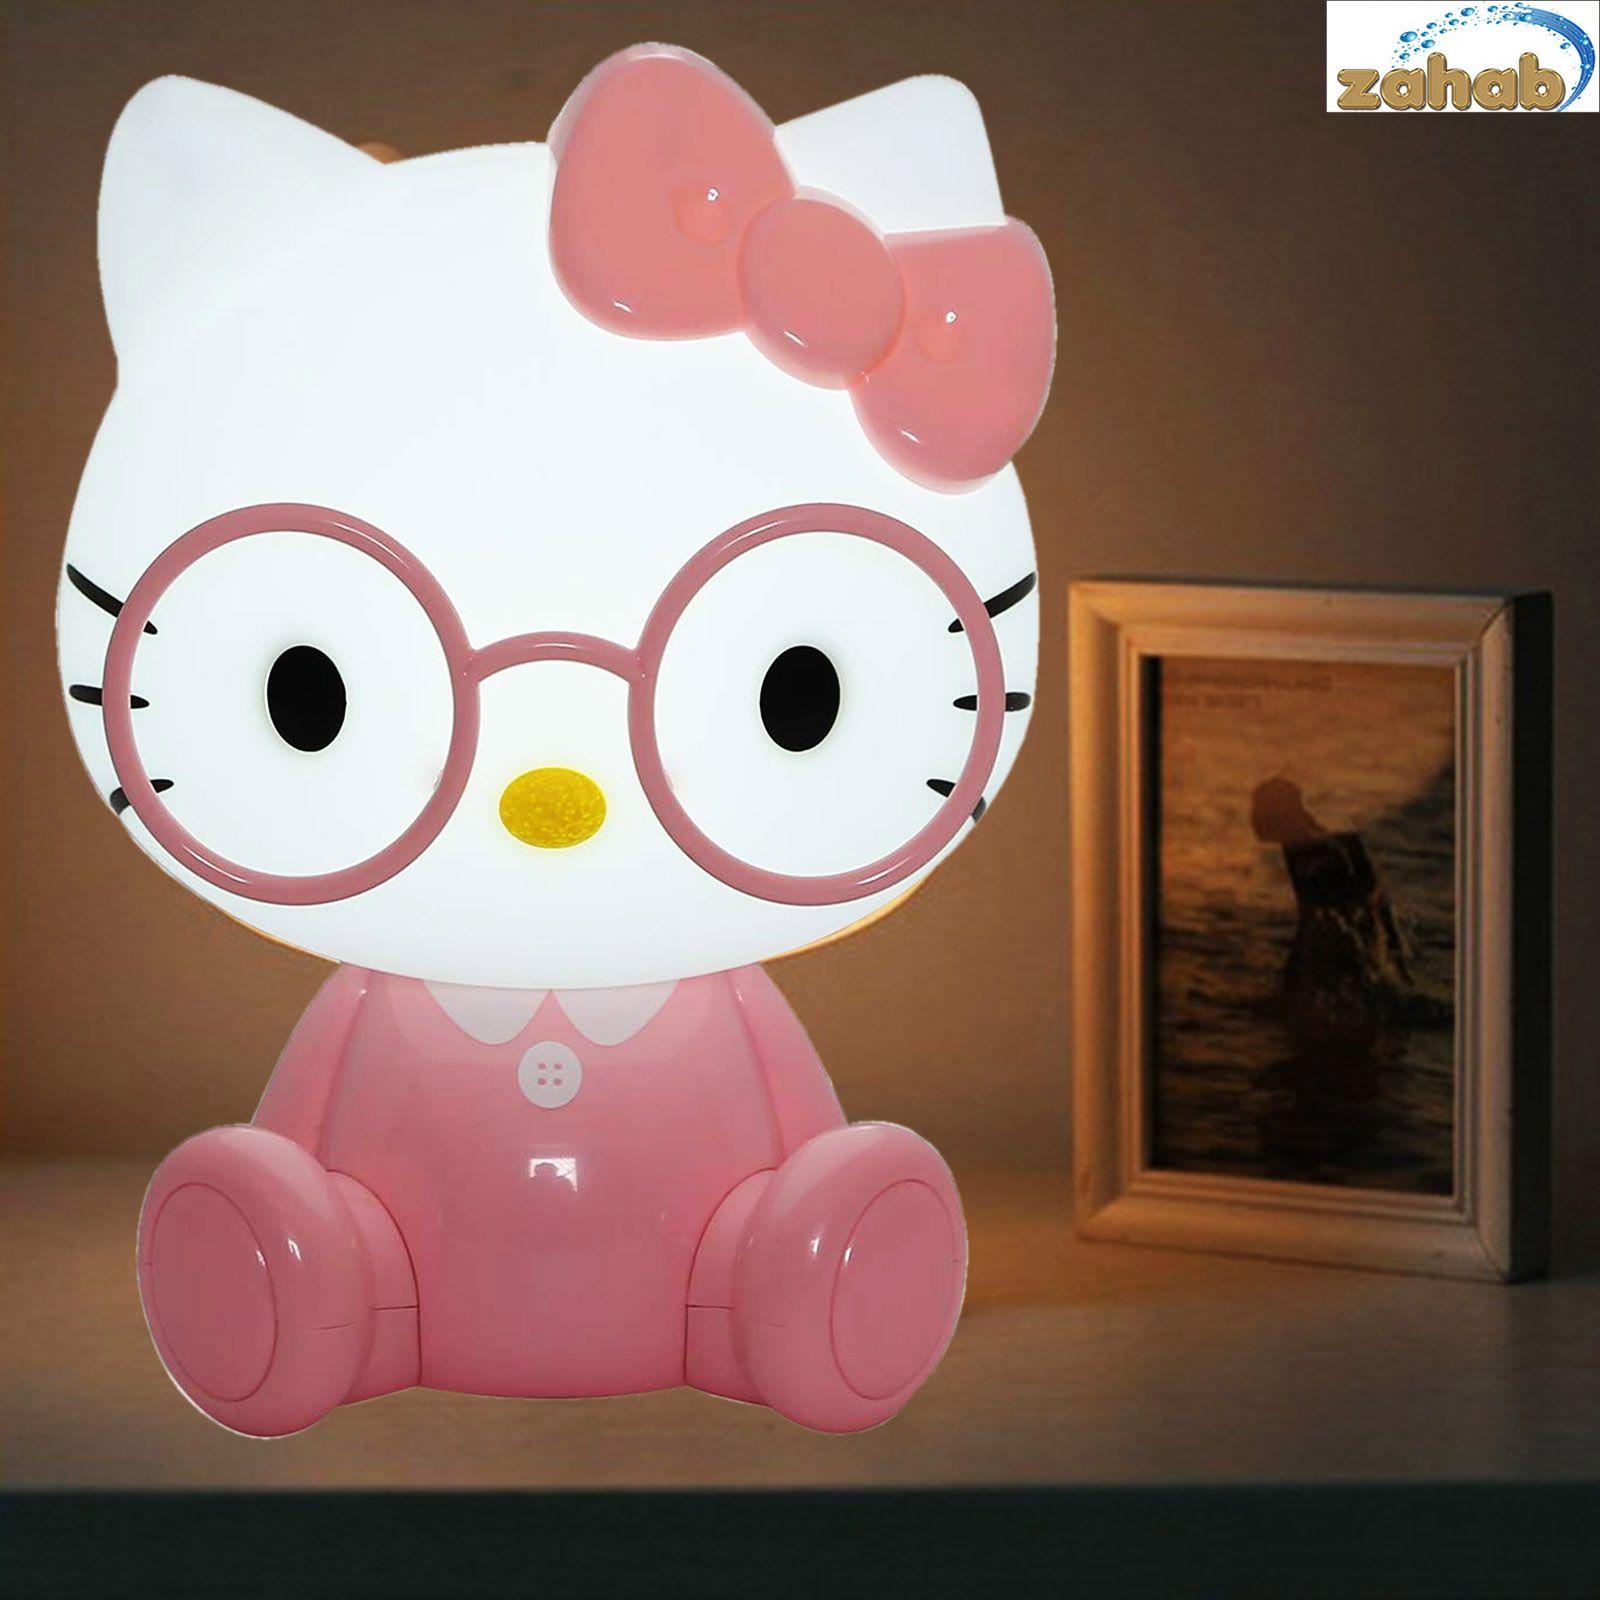 Zahab Cute Pink Hello Kitty SDL 1 73f79